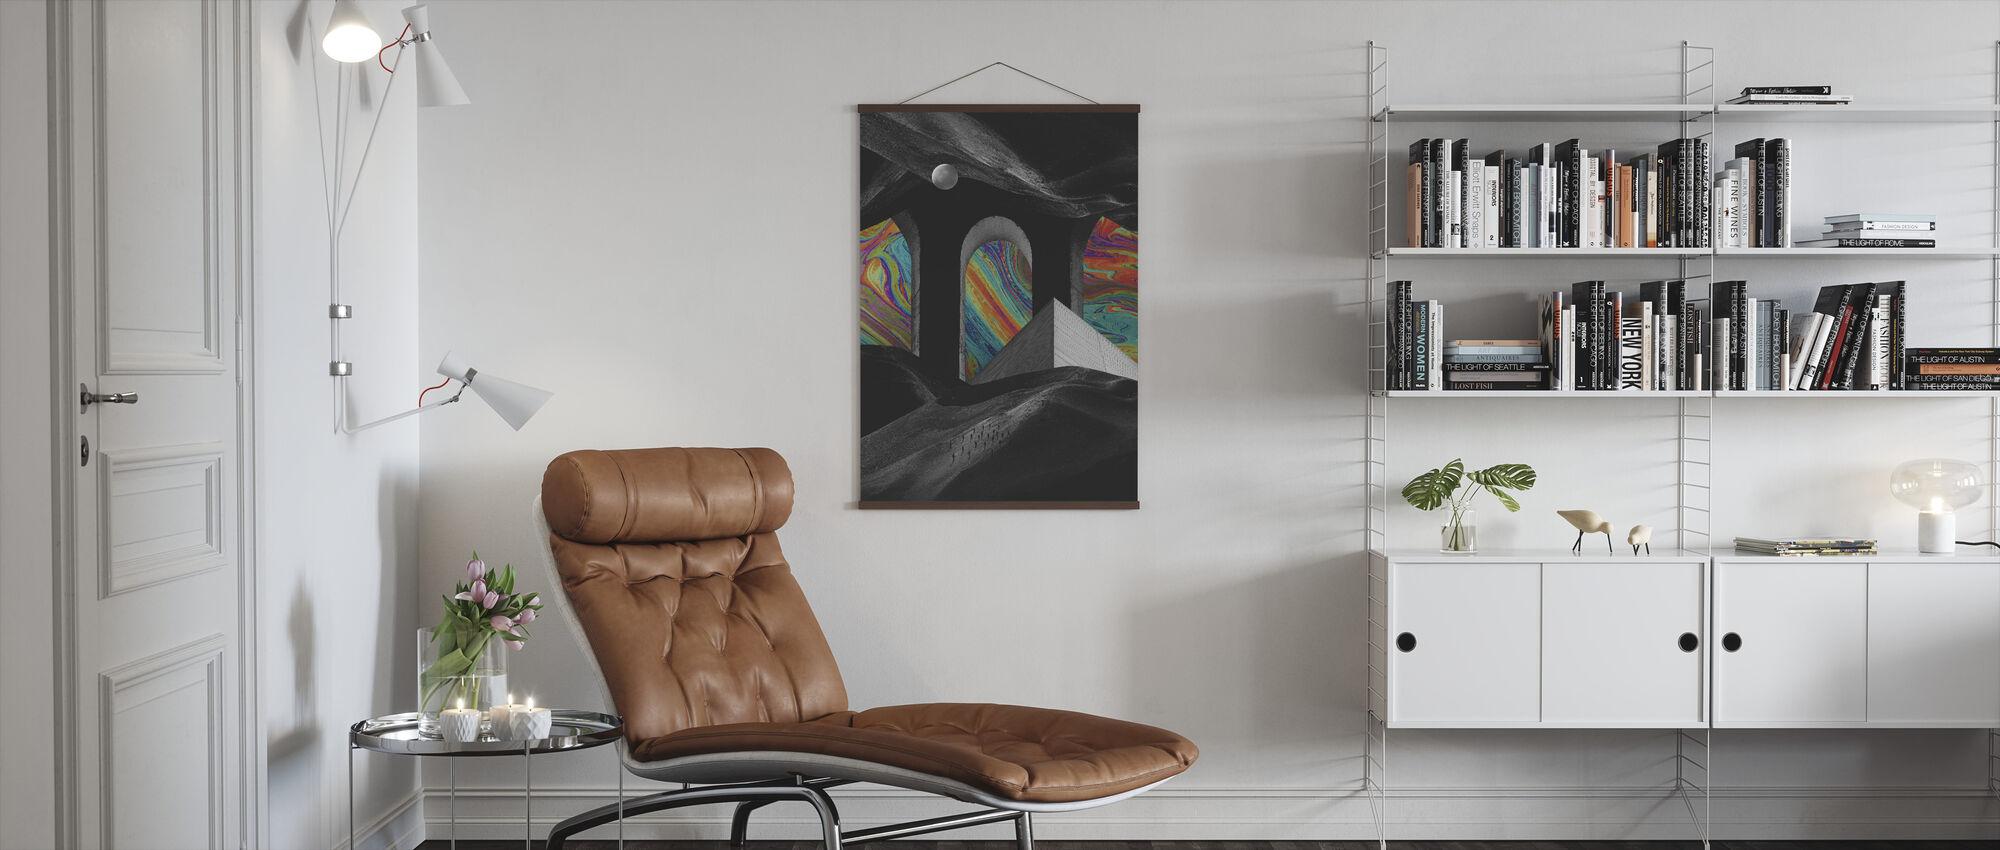 Hoc - Poster - Wohnzimmer